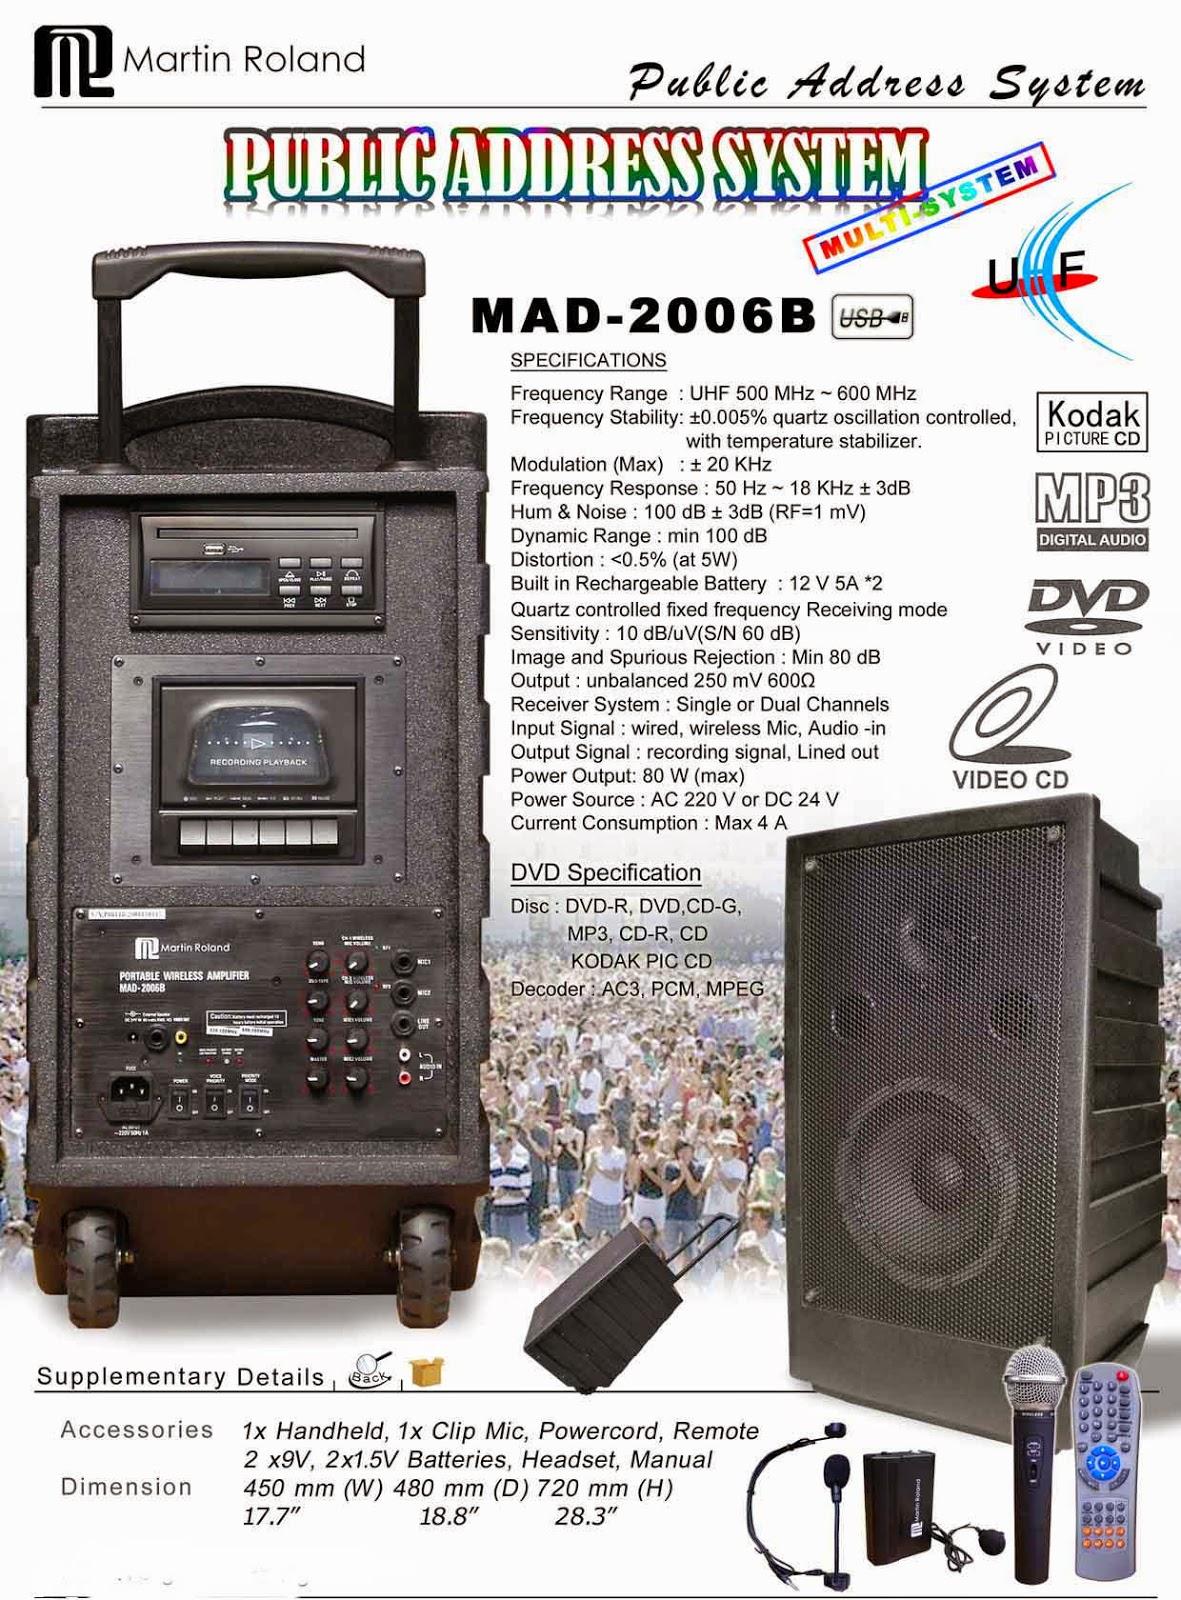 усилитель soundstandard vx 450 инструкция